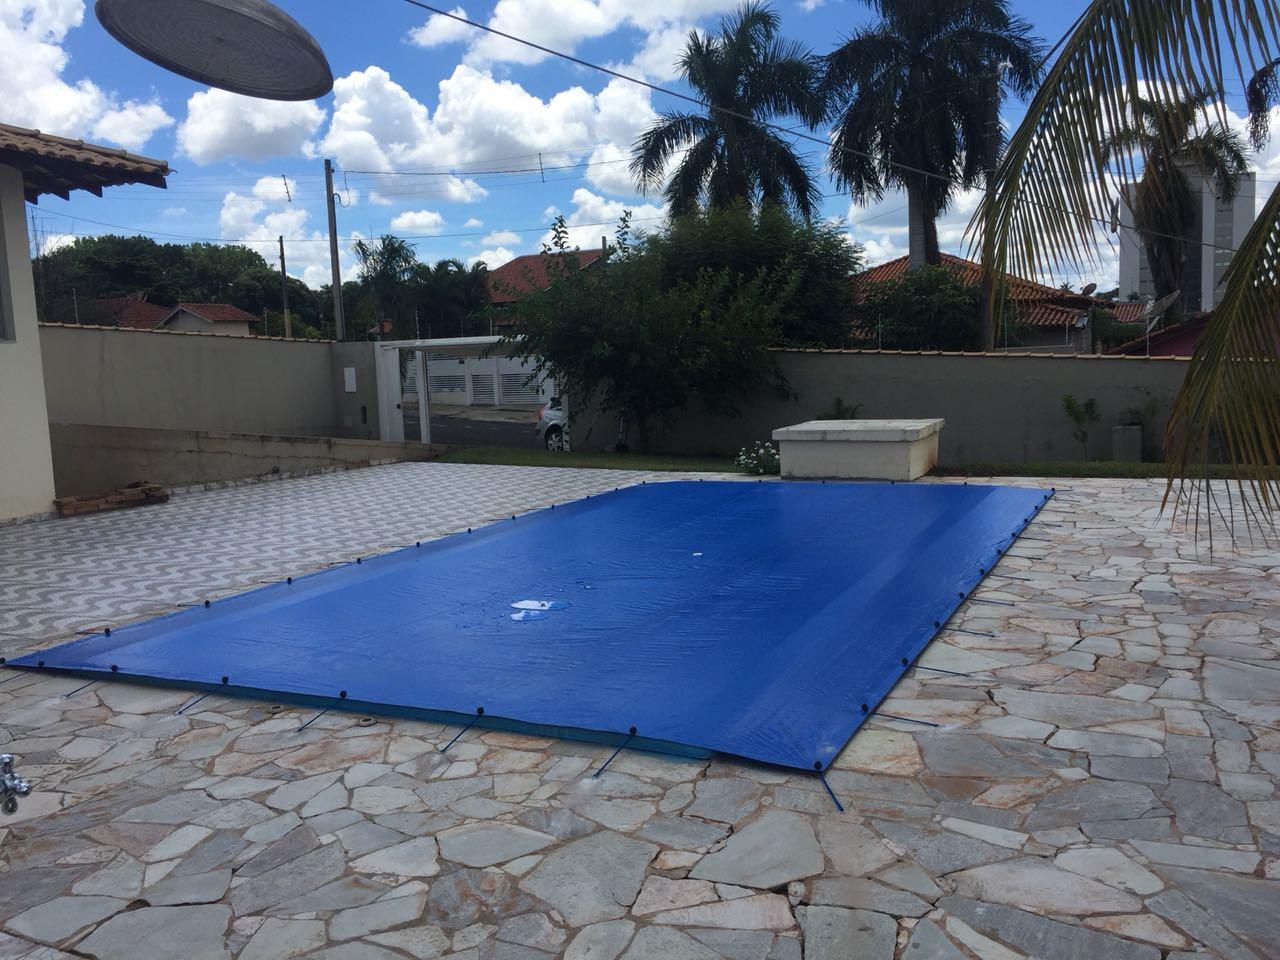 Capa para Piscina Proteção Azul 300 Micras - 8,5x8,5